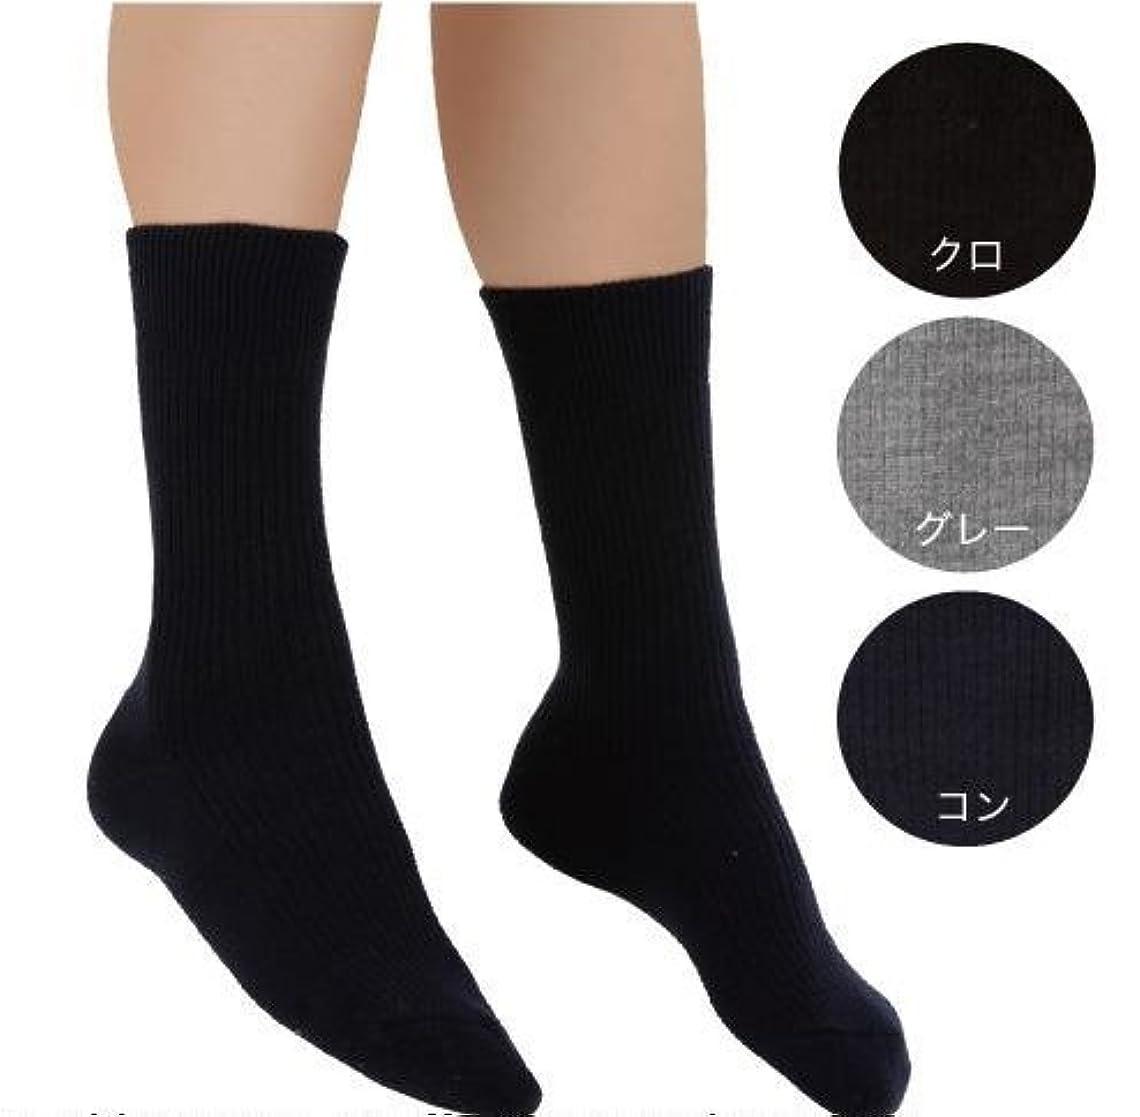 スキーラビリンス構成員健康肌着 ひだまり ダブルソックス 3足組 (紳士用:黒、紺、グレー の3色組/フリーサイズ(24~26cm))